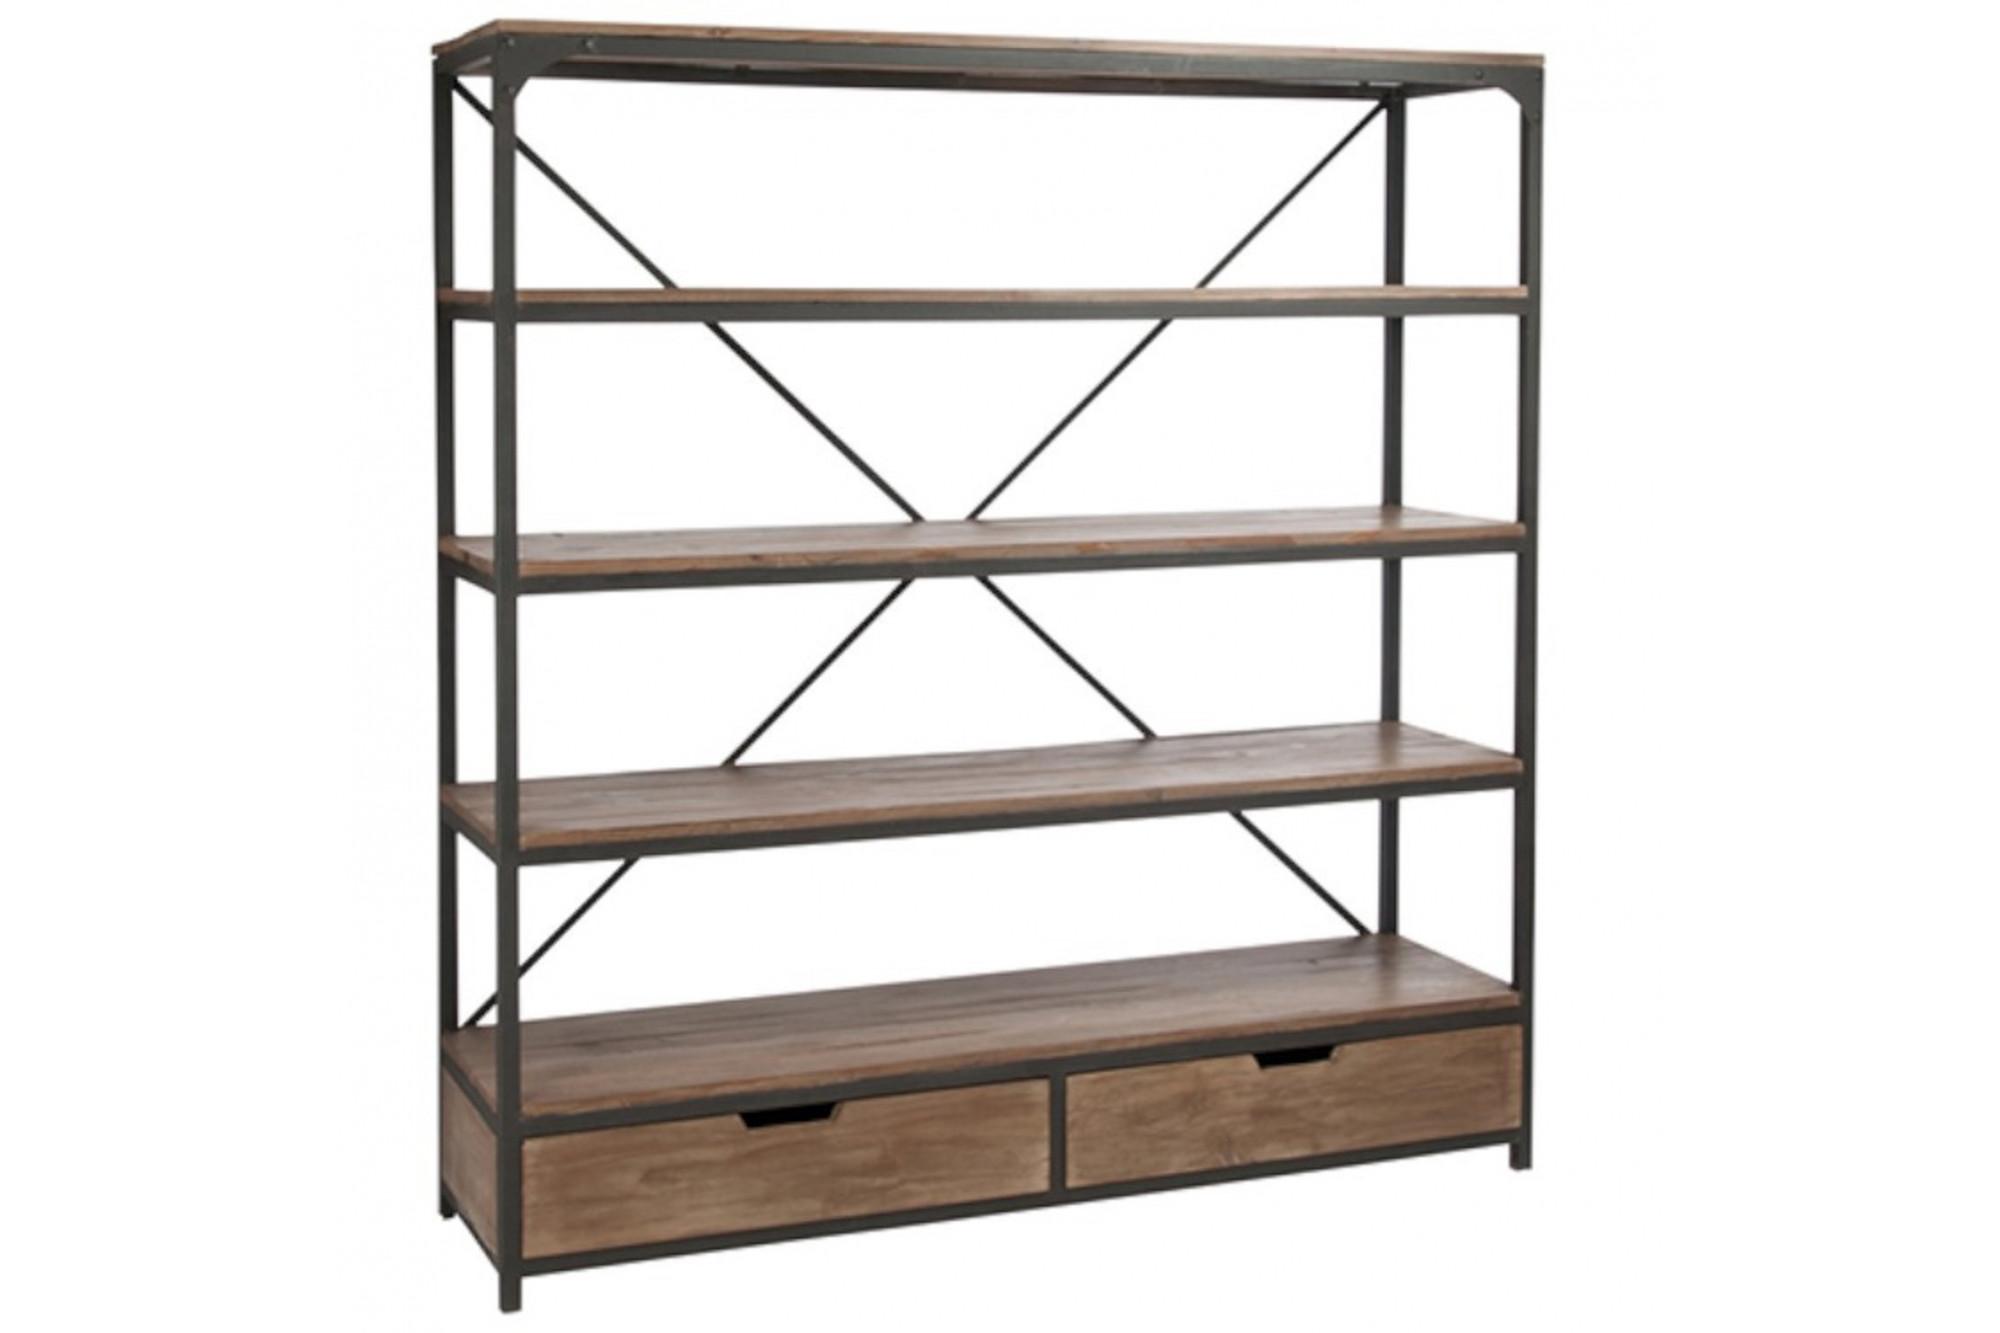 bibliotheque industrielle allen 2 tiroirs bois metal hellin